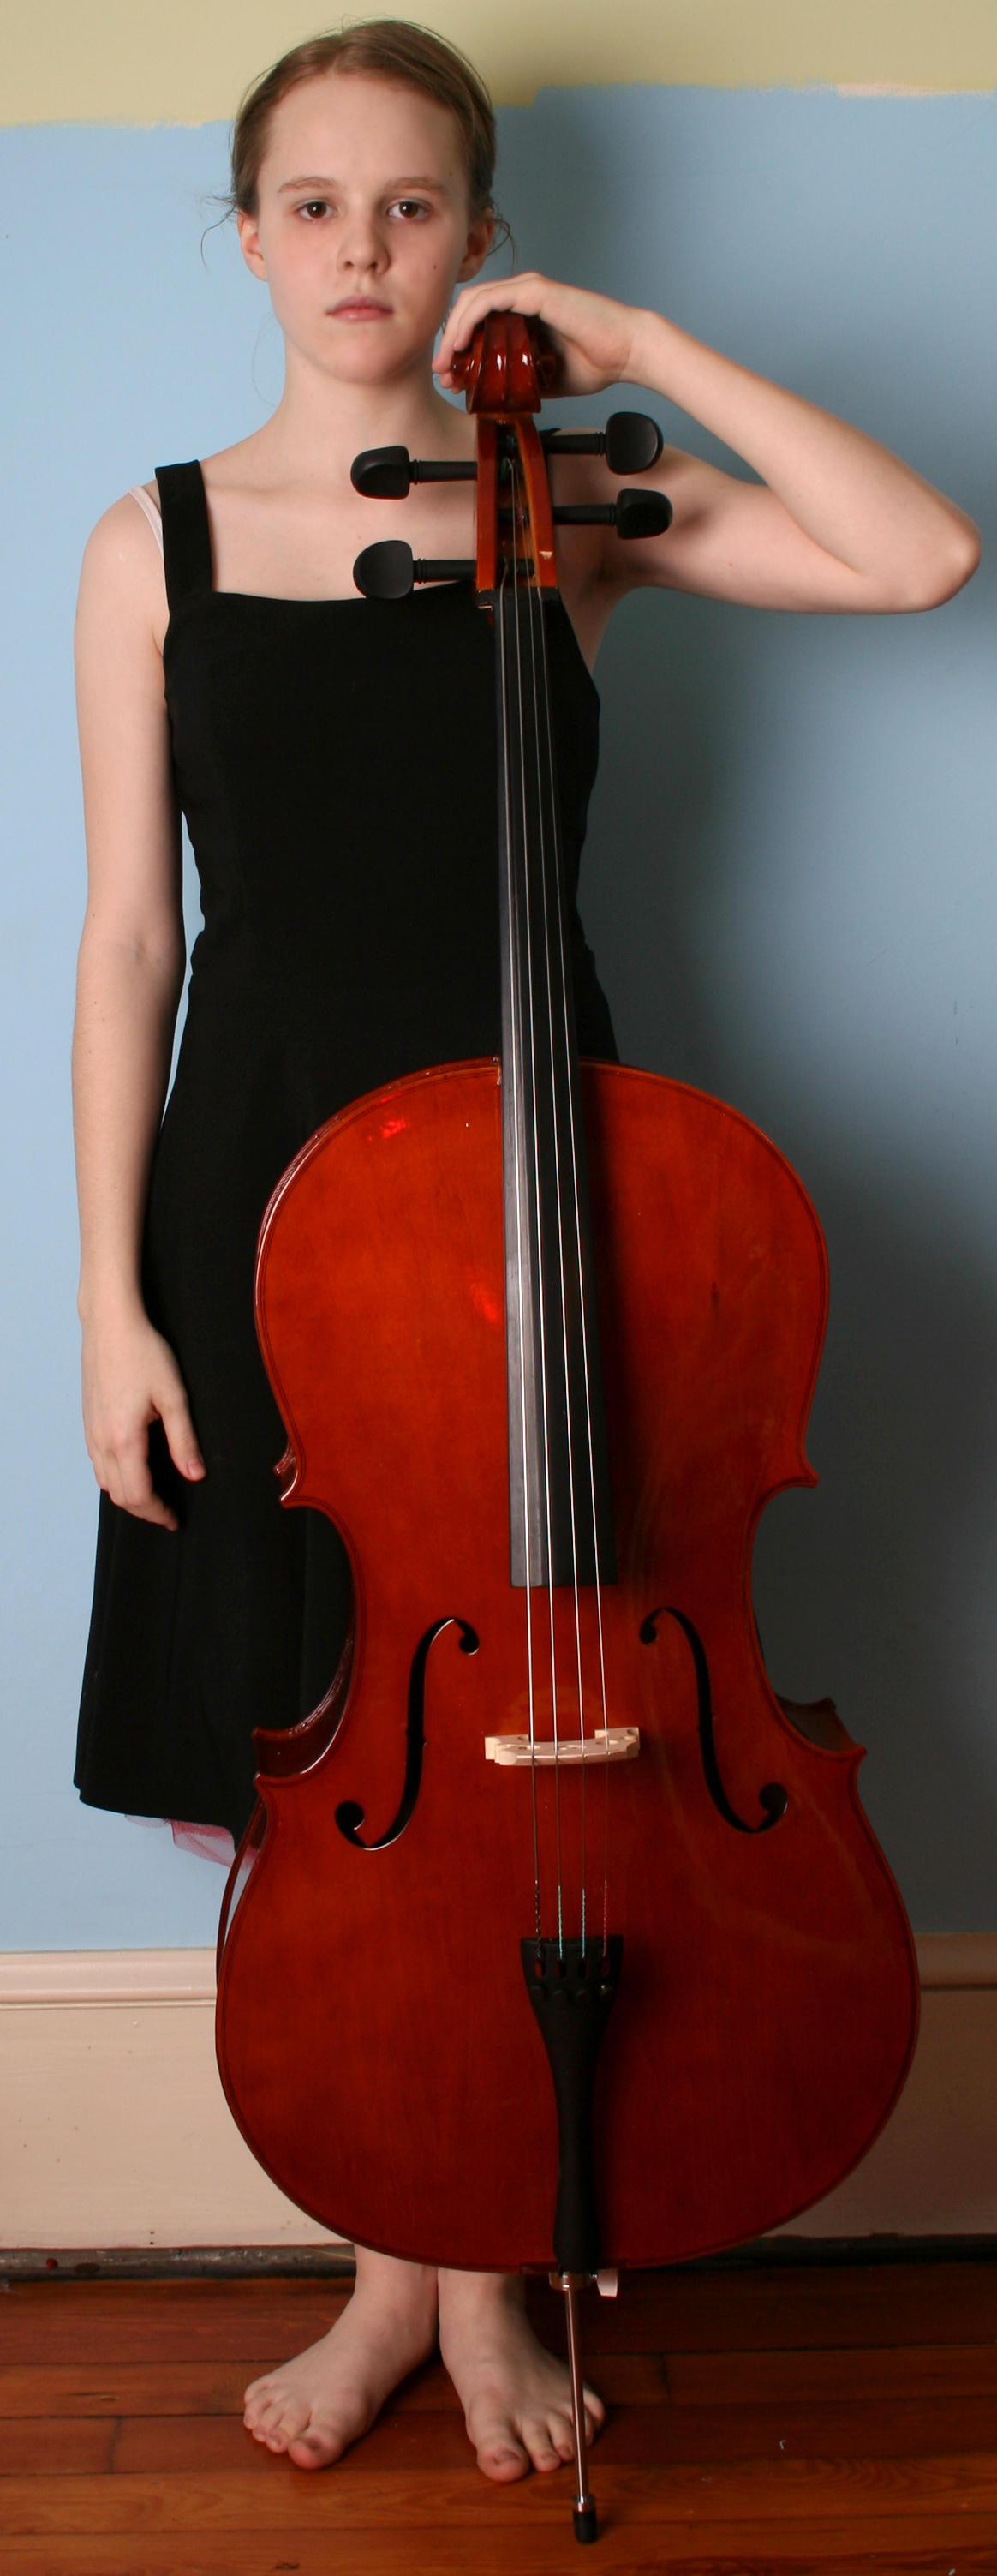 Cello 2 by AttempteStock